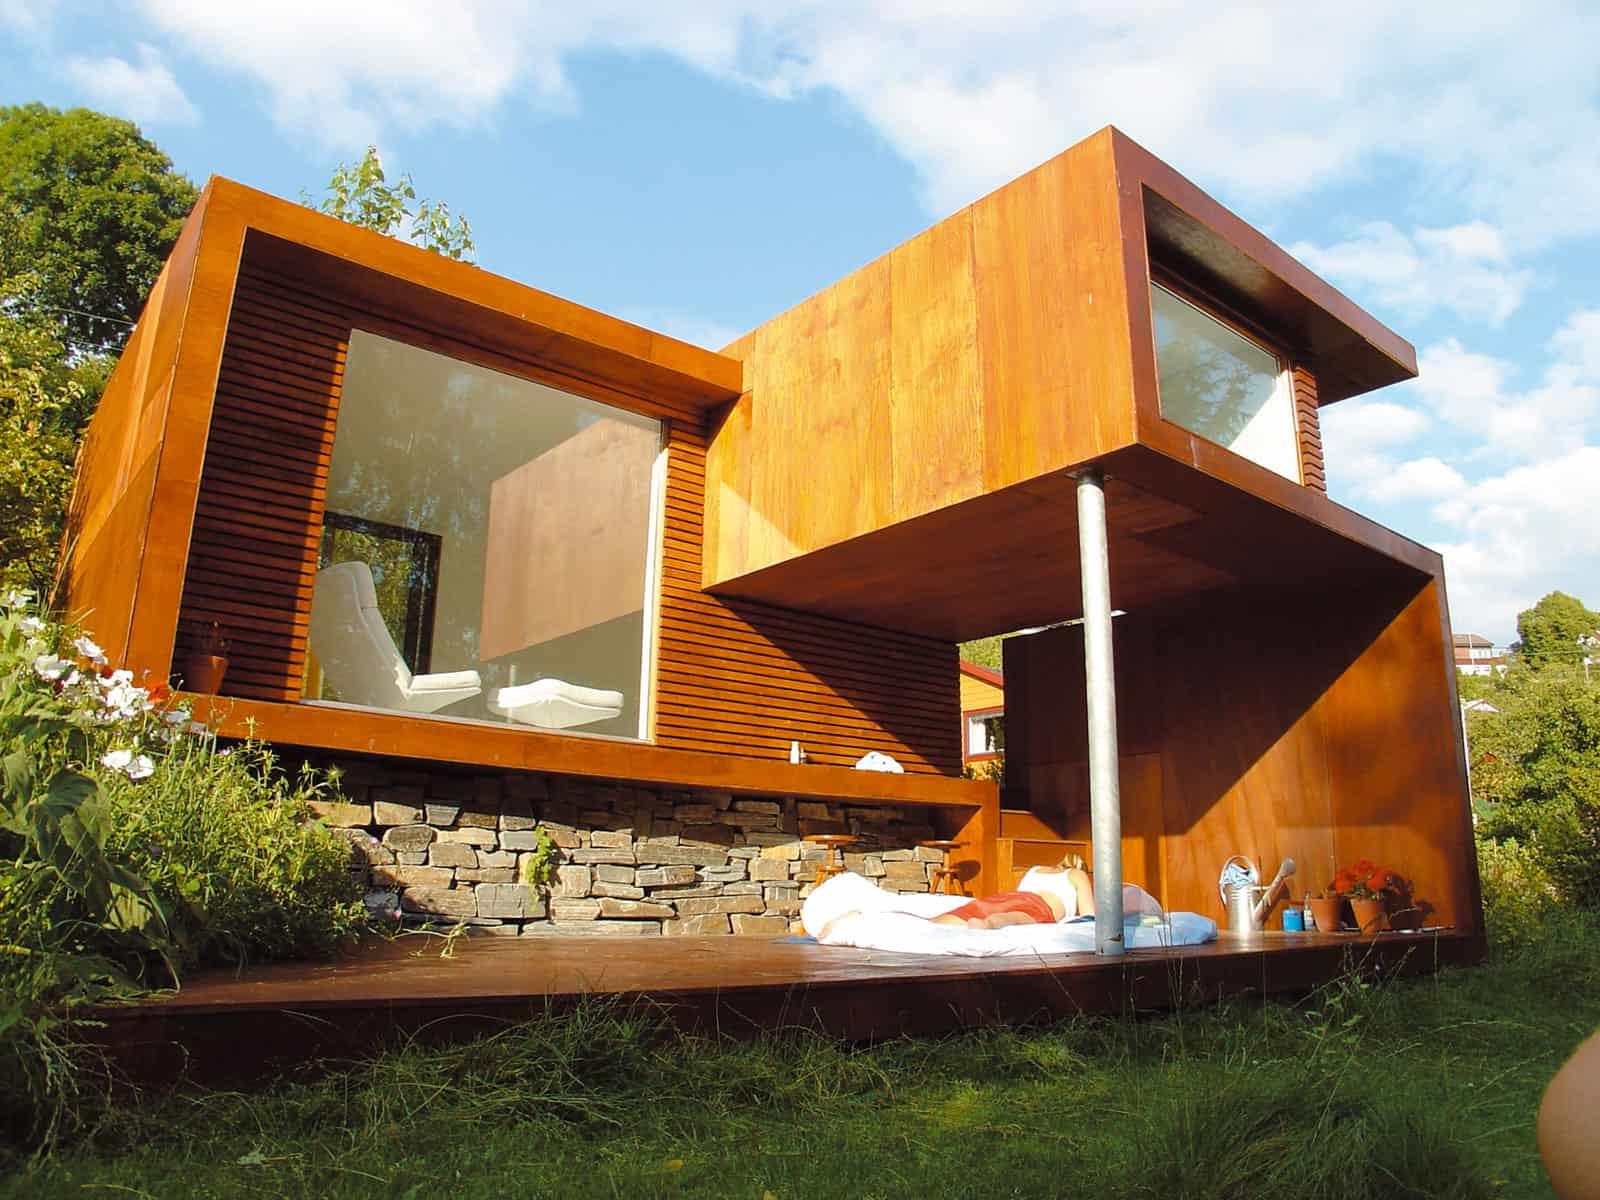 Casa Kolonihagen by Tommie Wilhelmsen (1)